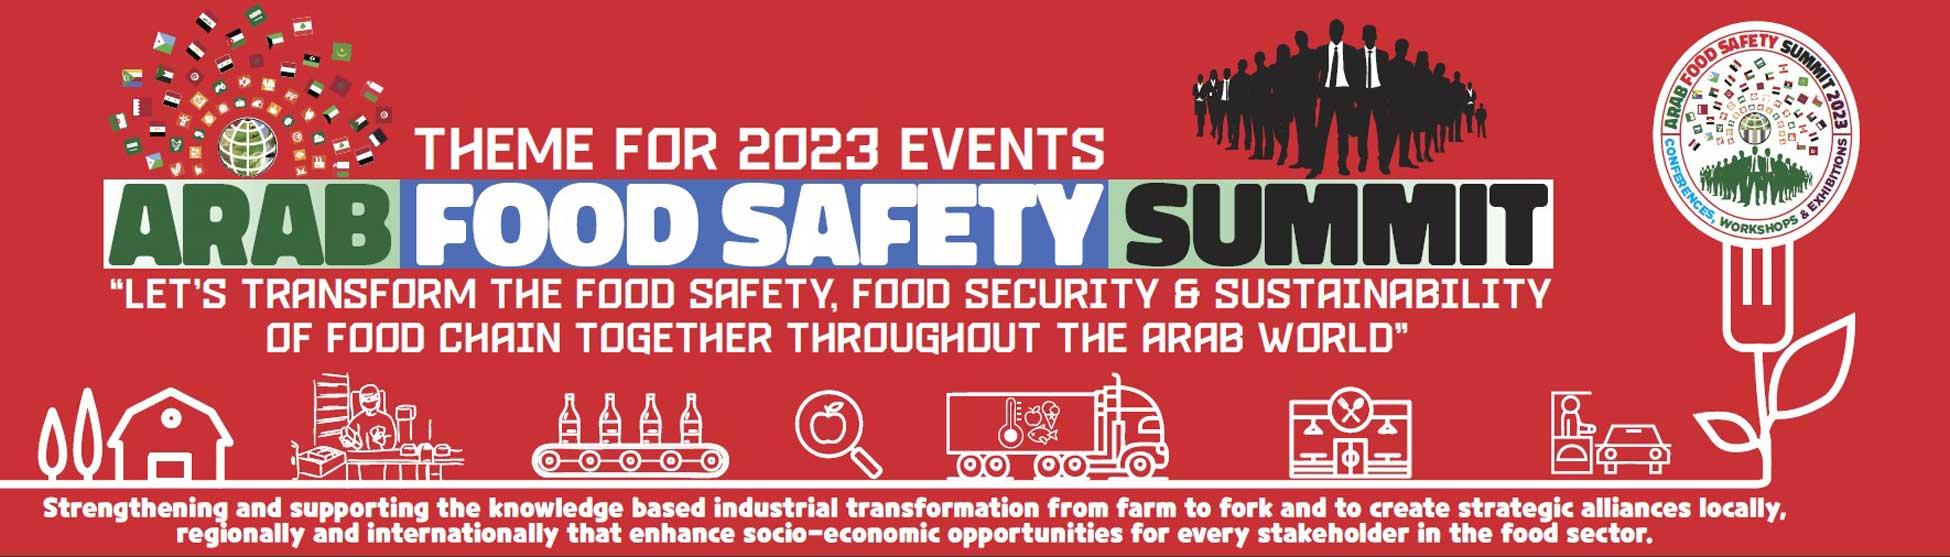 Arab Food Safety Summit Slide 07